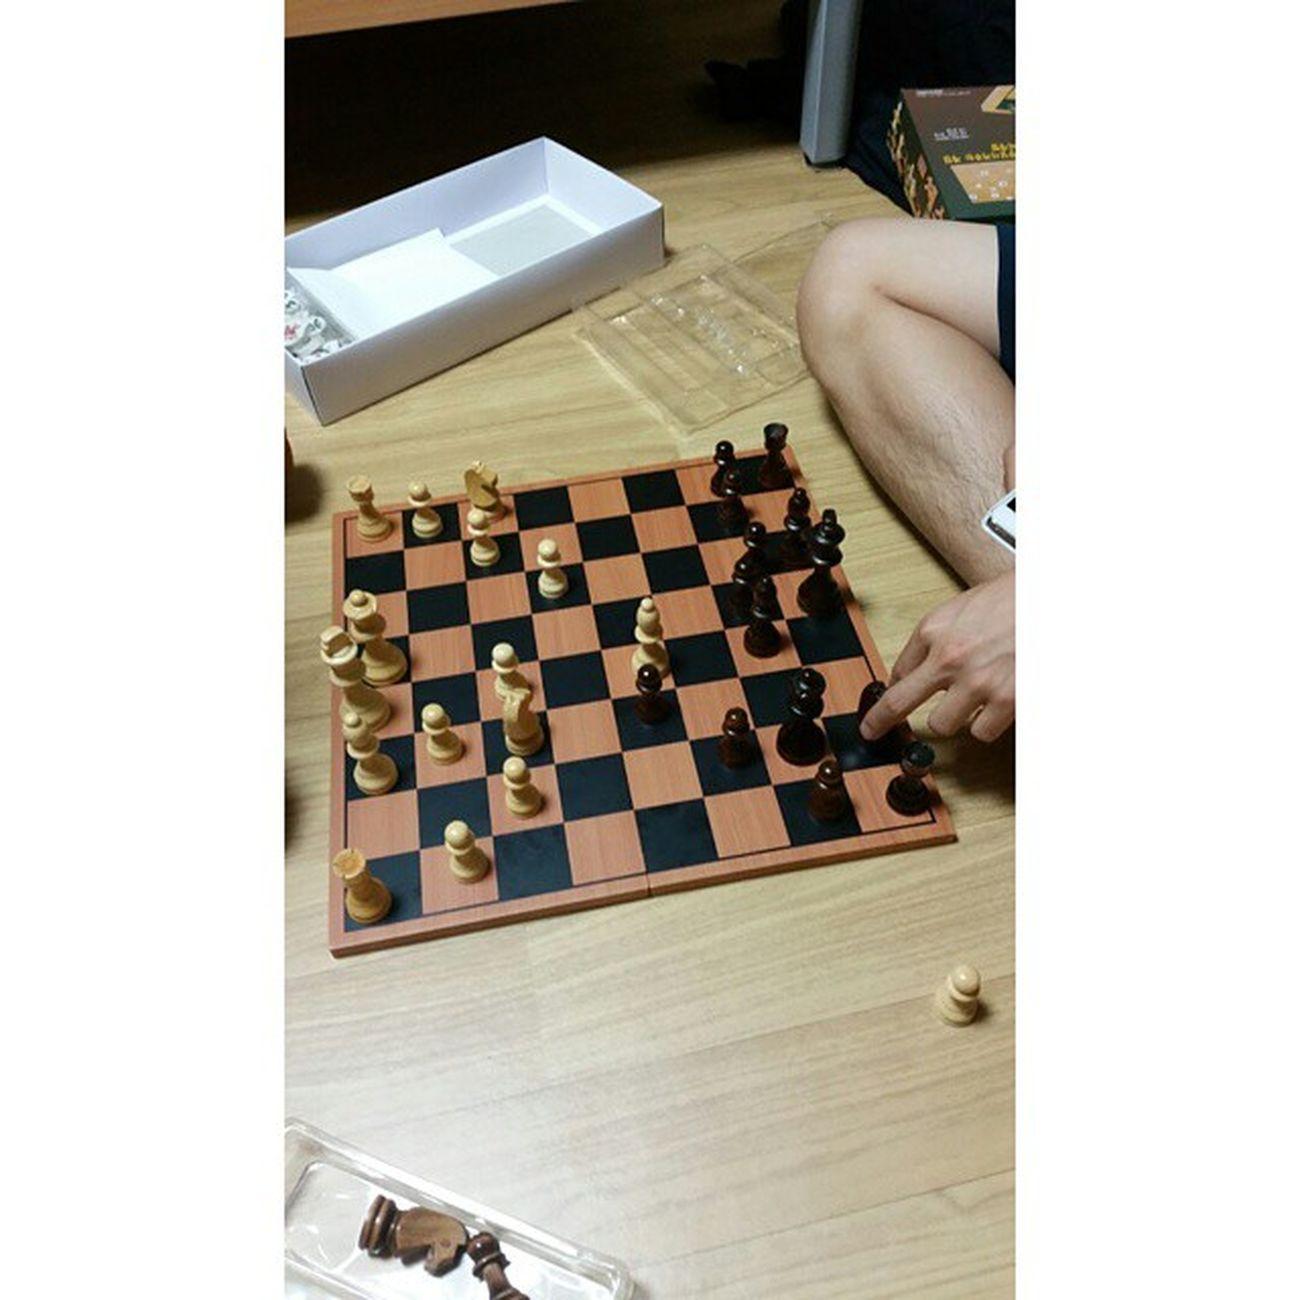 CUSTOM HASHTAG 체스 체크메이트 보드게임 놀이